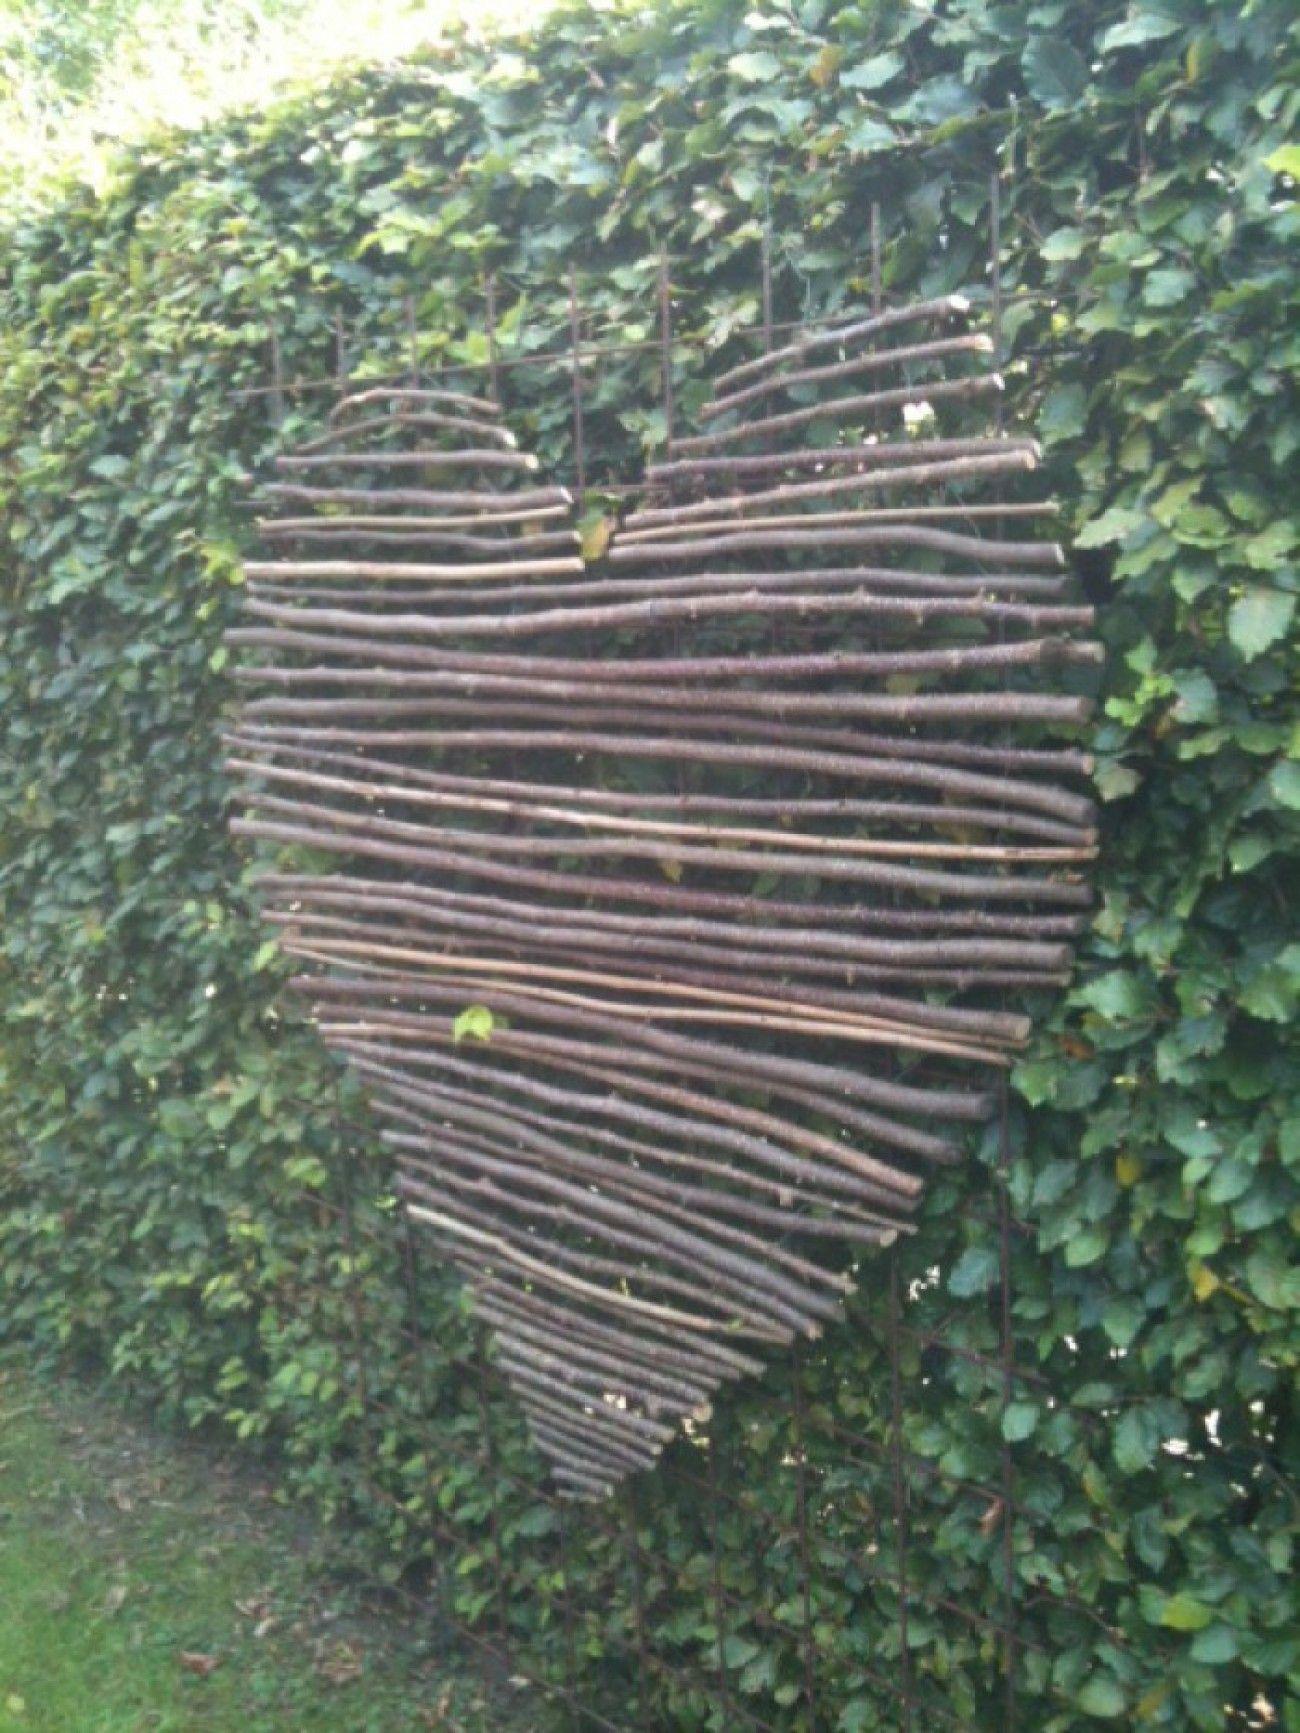 Schone Idee Fur Den Garten Und Ganz Leicht Zu Basteln Garten